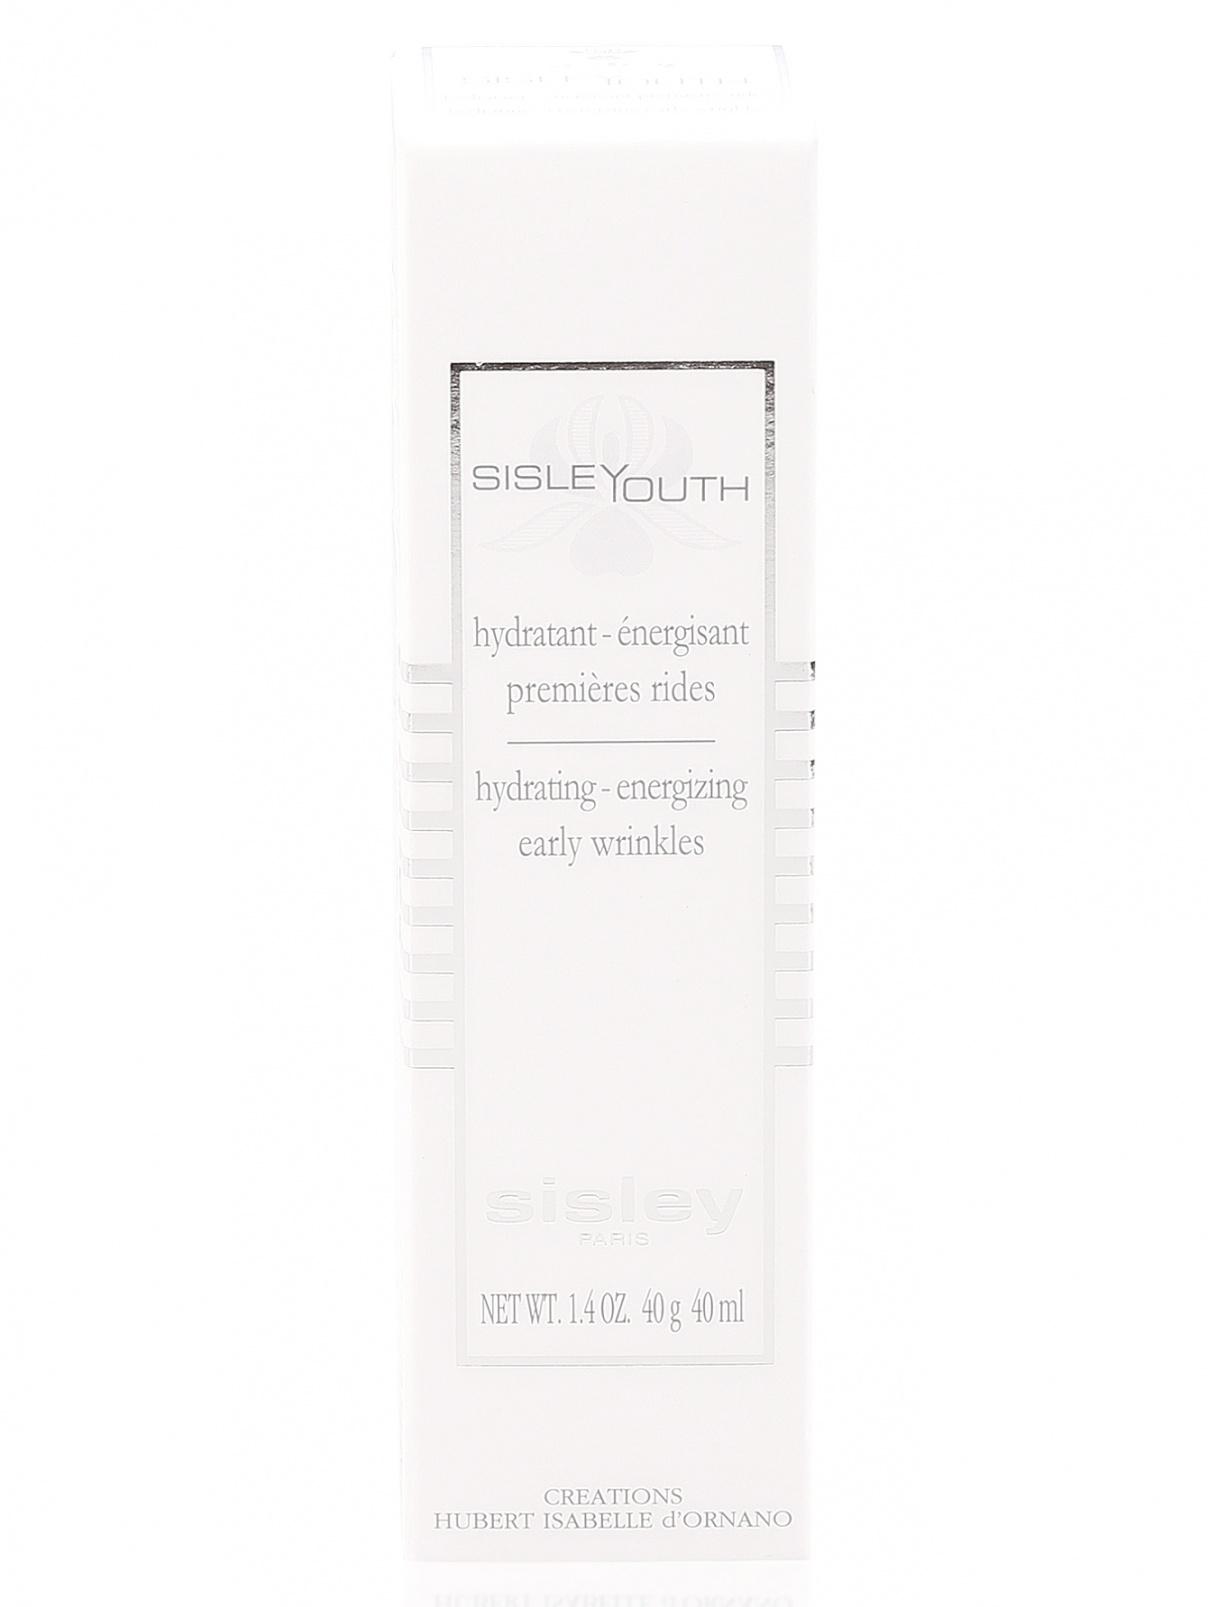 Увлажняющая Эмульсия - Sisleyouth Skin Care, 40ml Sisley  –  Модель Общий вид